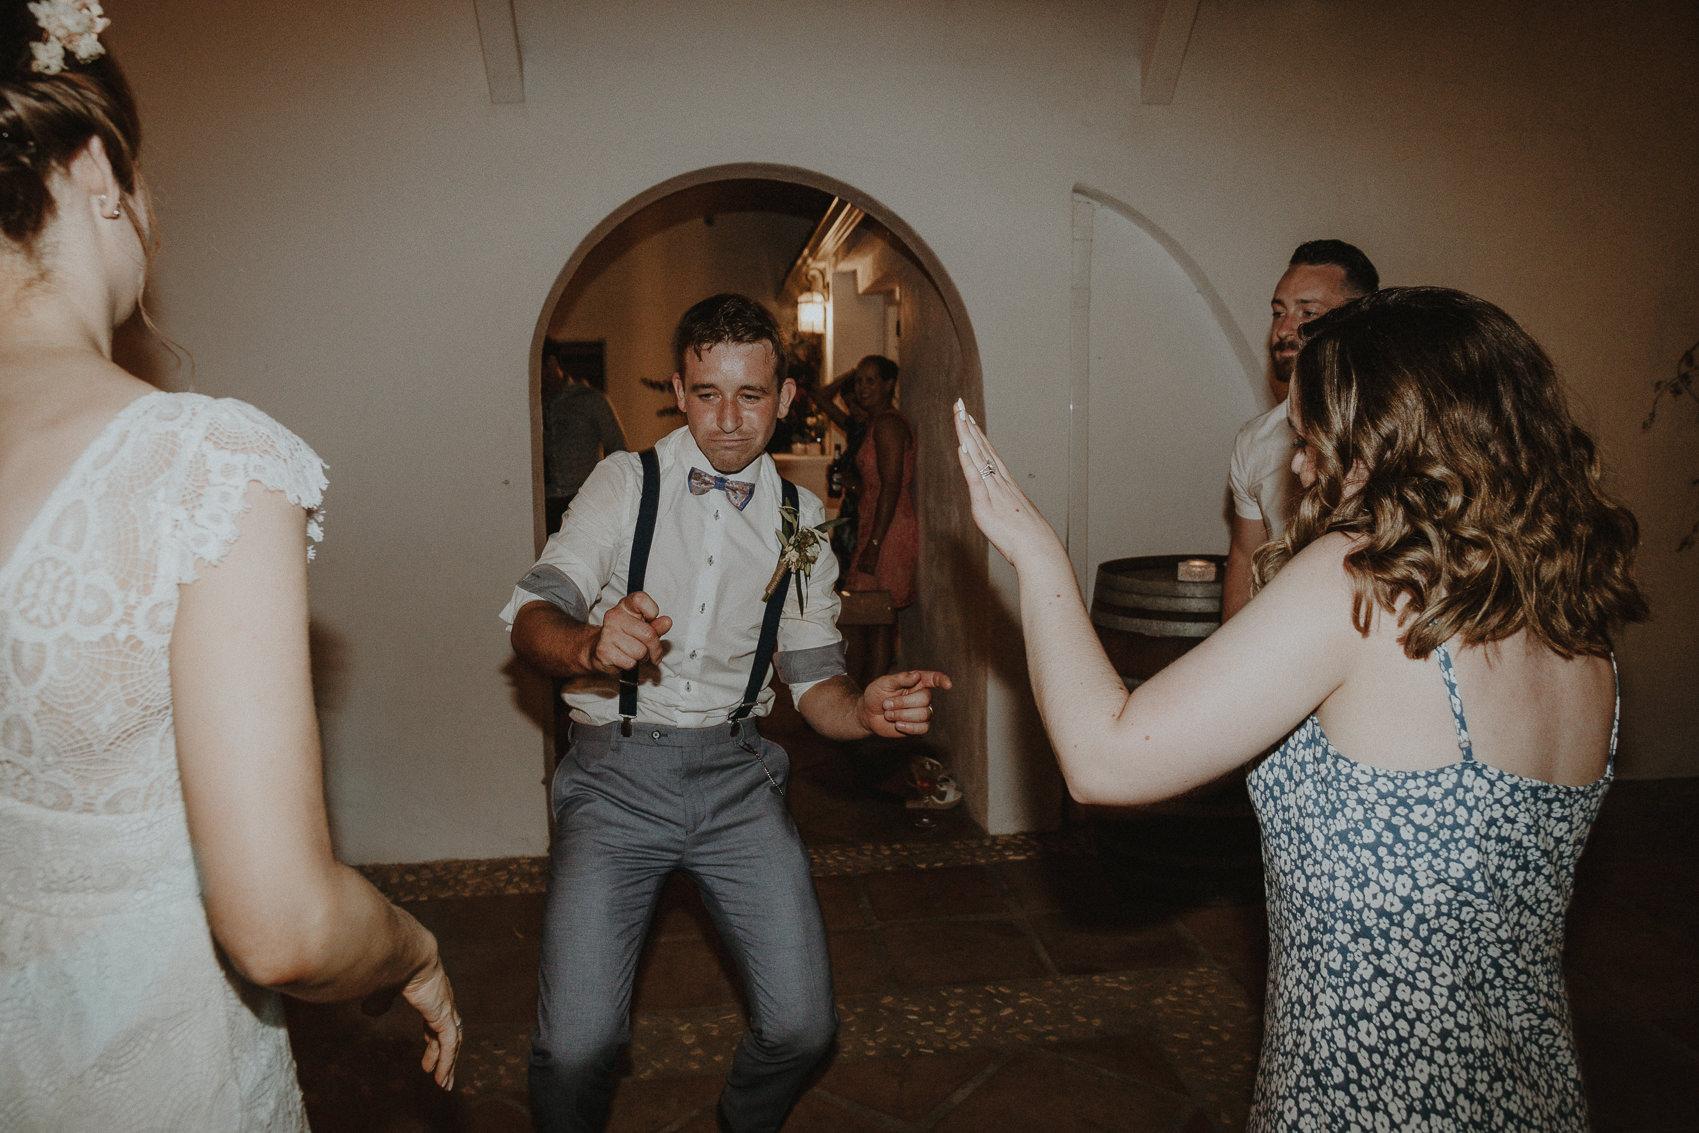 Sarah & Bill | Summer wedding at Cortijo Rosa Blanca | Marbella - Spain 170